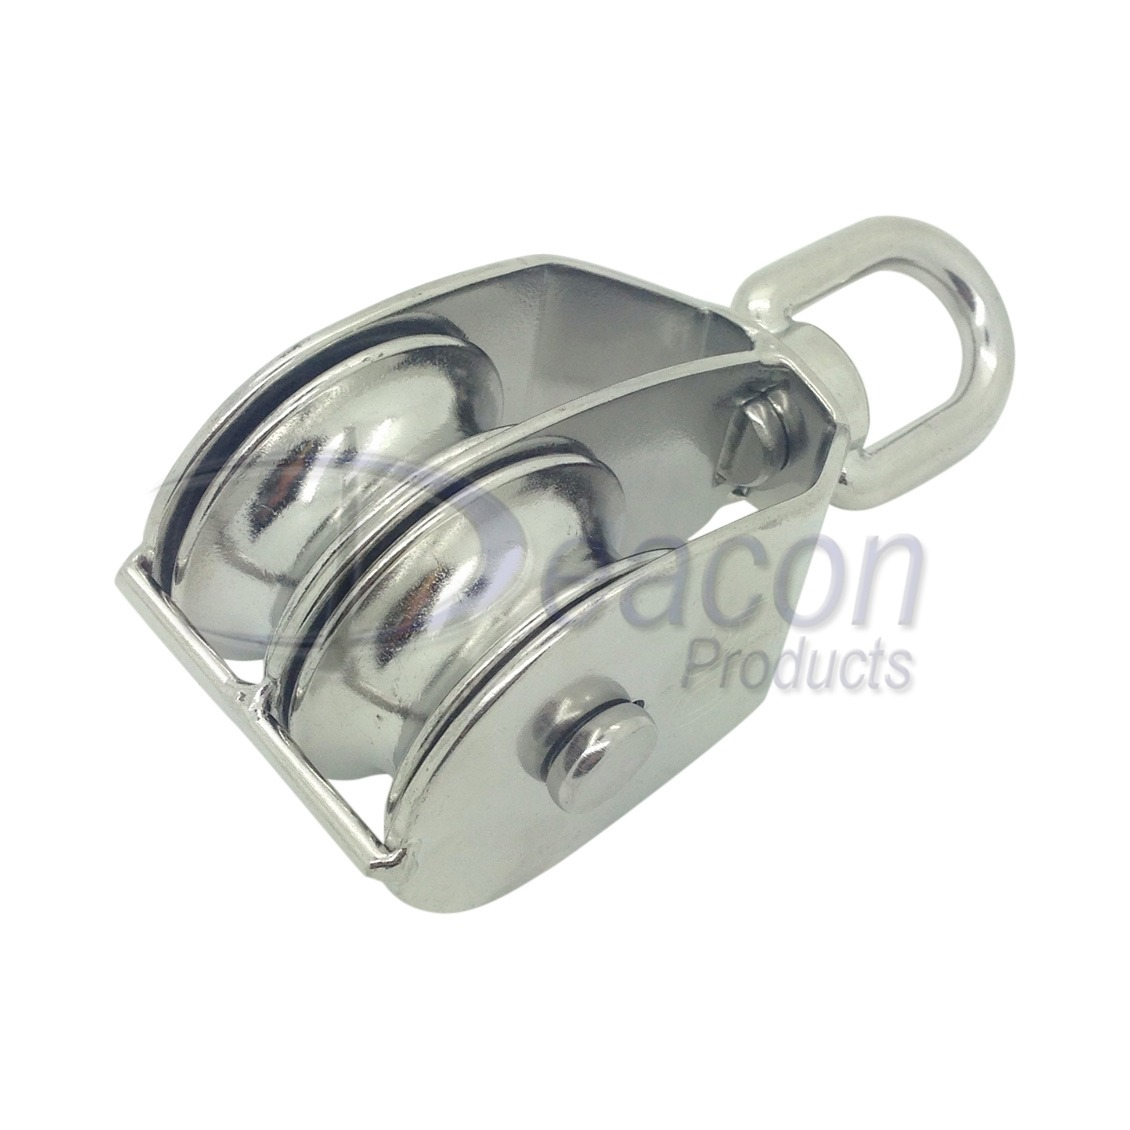 stainless-steel-double-swivel-eye-pulley-block